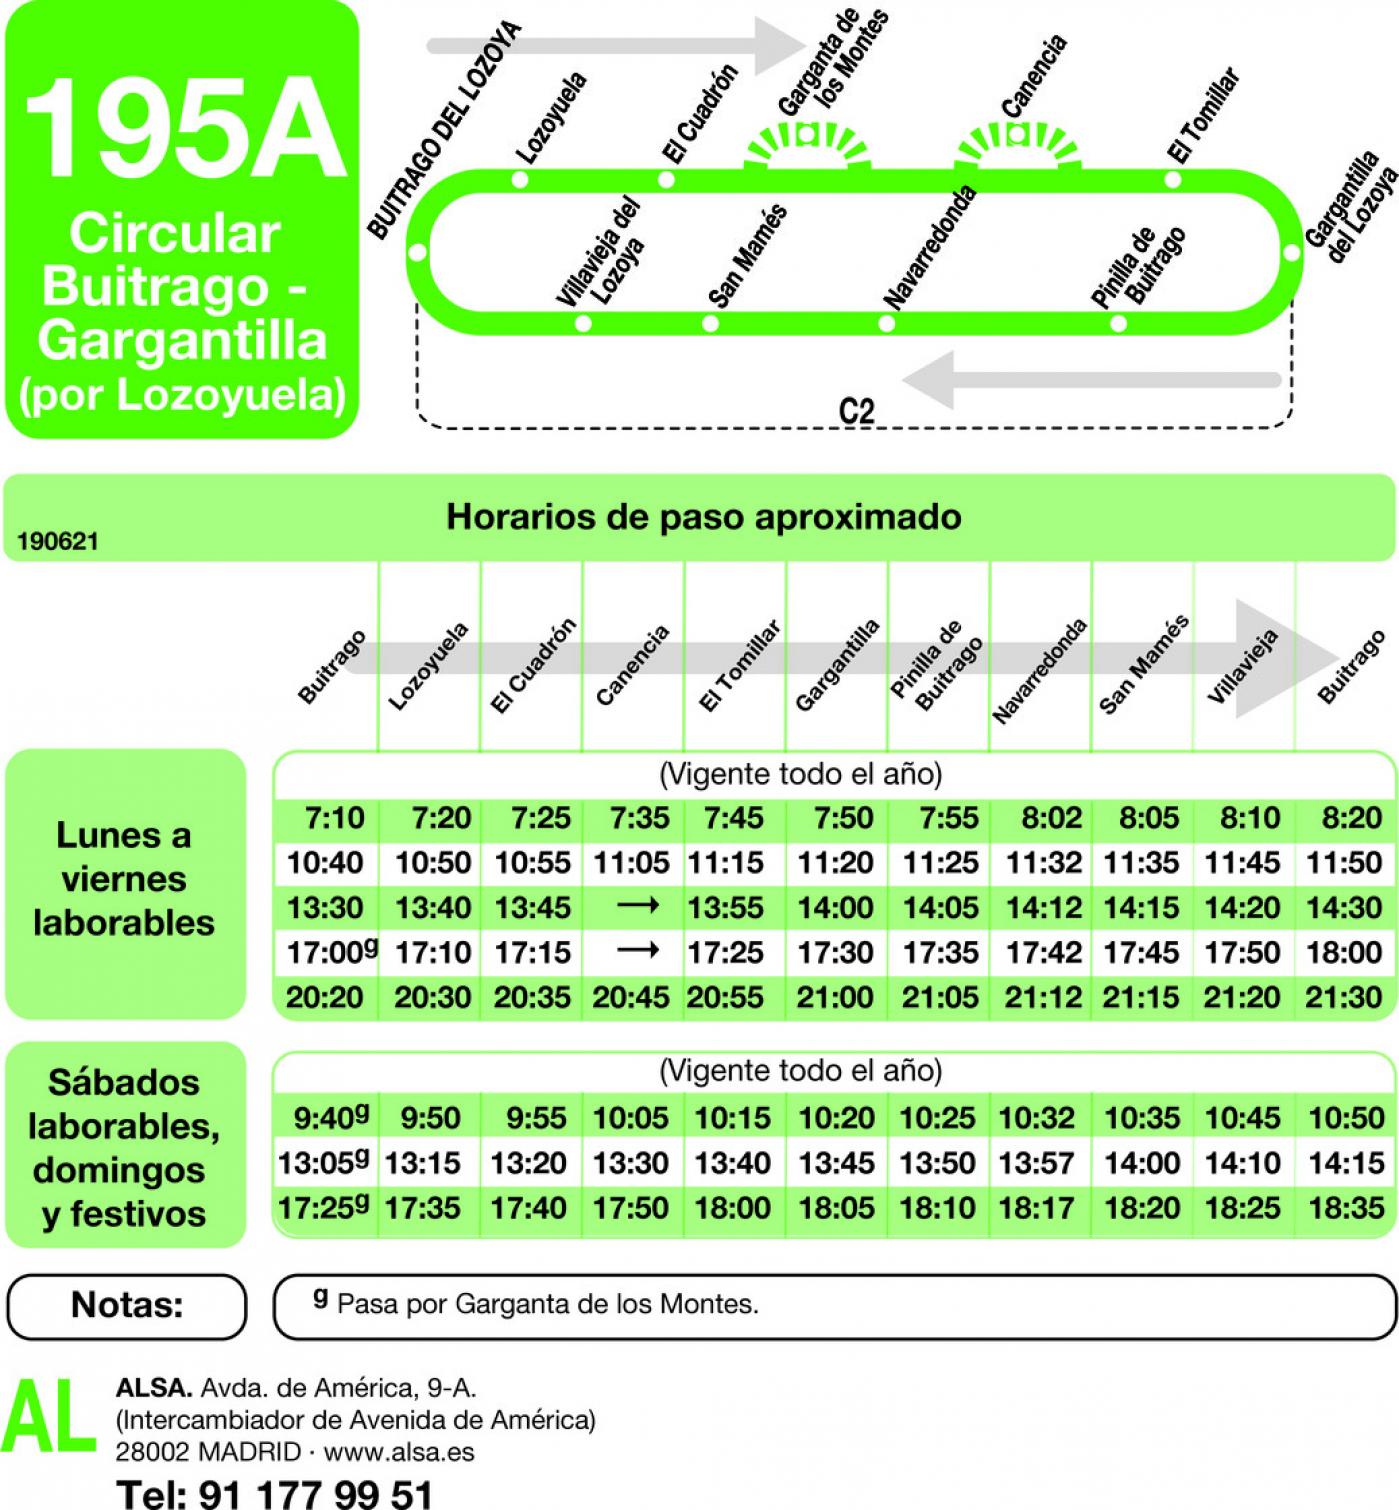 Tabla de horarios y frecuencias de paso en sentido ida Línea 195-A: Buitrago - Gargantilla - Lozoyuela